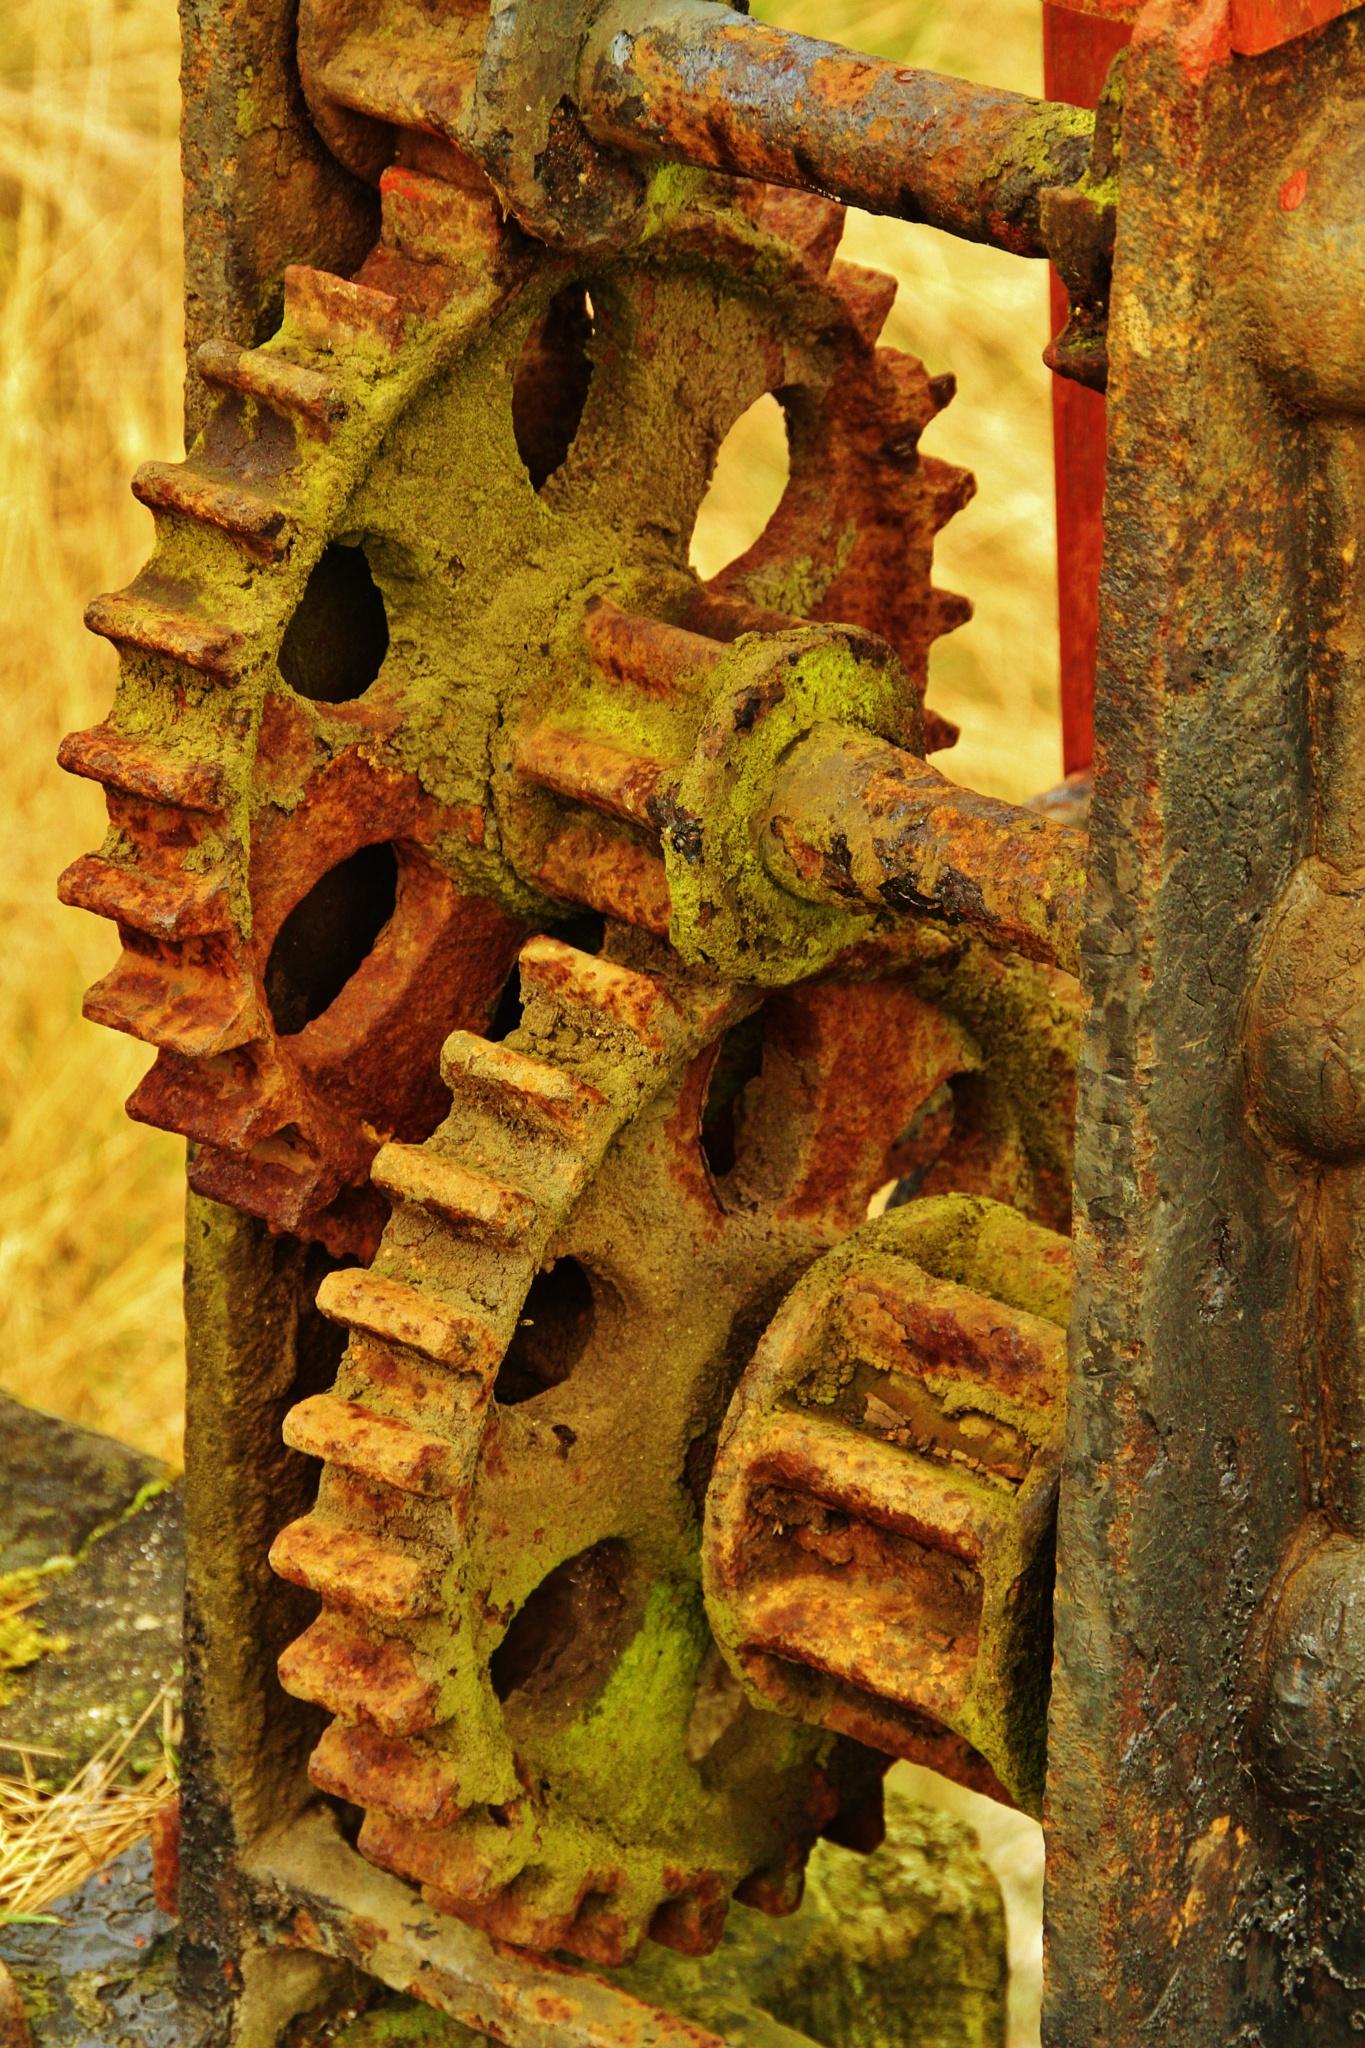 Rusty Cogs & Gears by David N Cath Pinkett